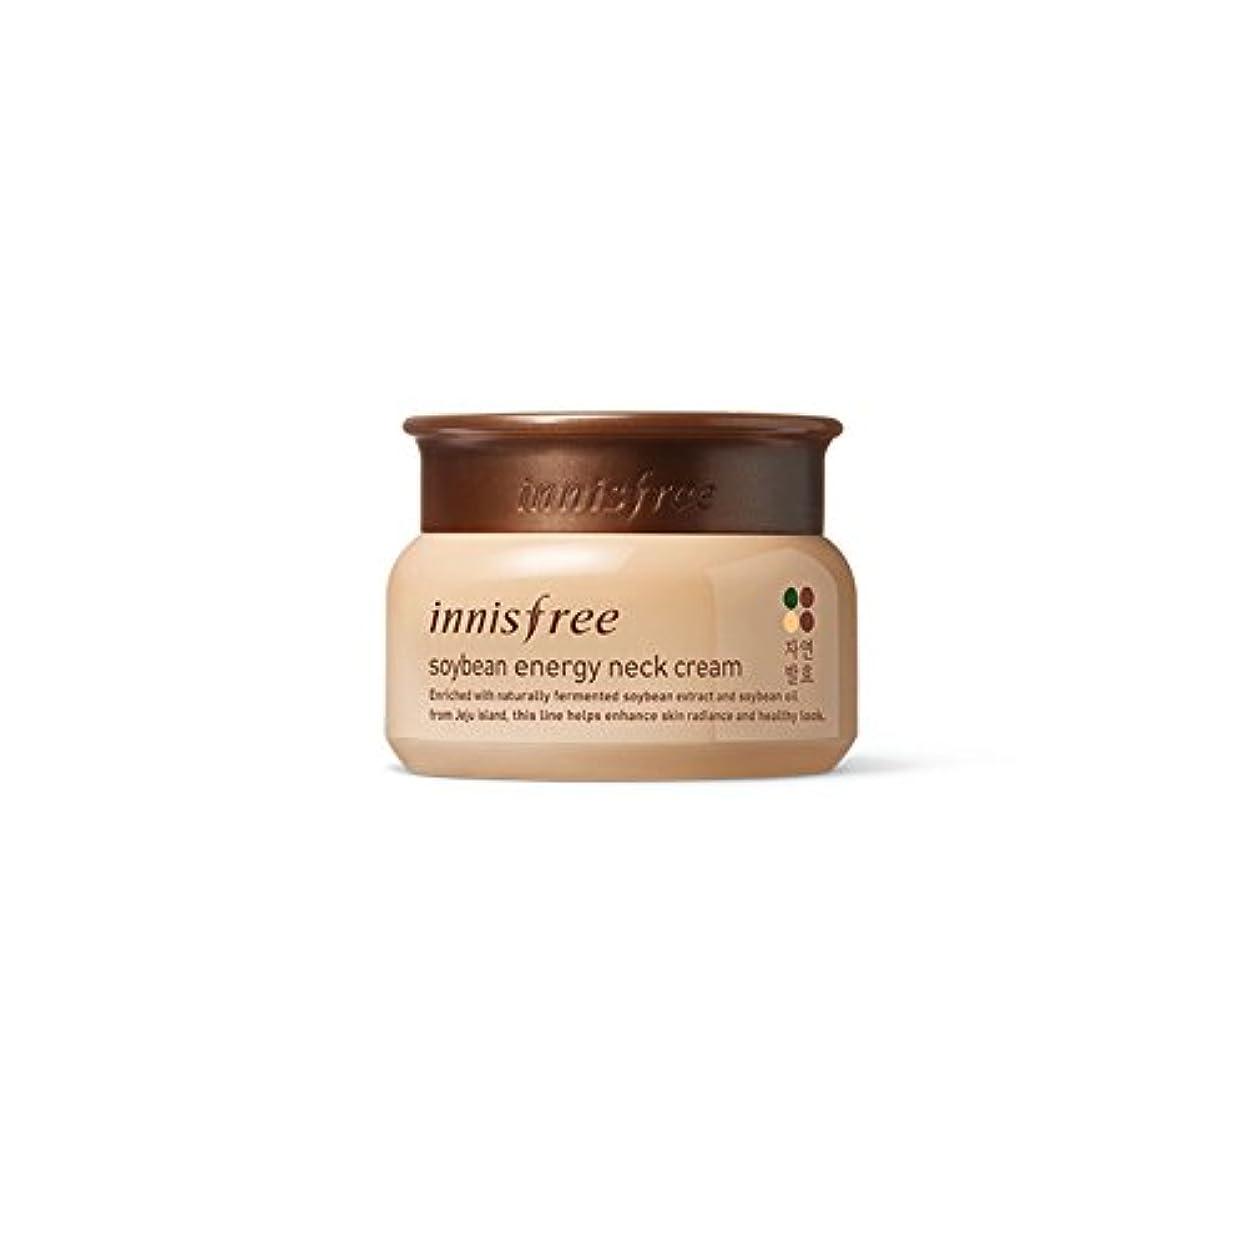 フロンティアお尻鬼ごっこ[イニスフリー] Innisfree 発酵大豆エネジネッククリーム (80ml) Innisfree Soy Bean Energy Neck Cream (80ml) [海外直送品]